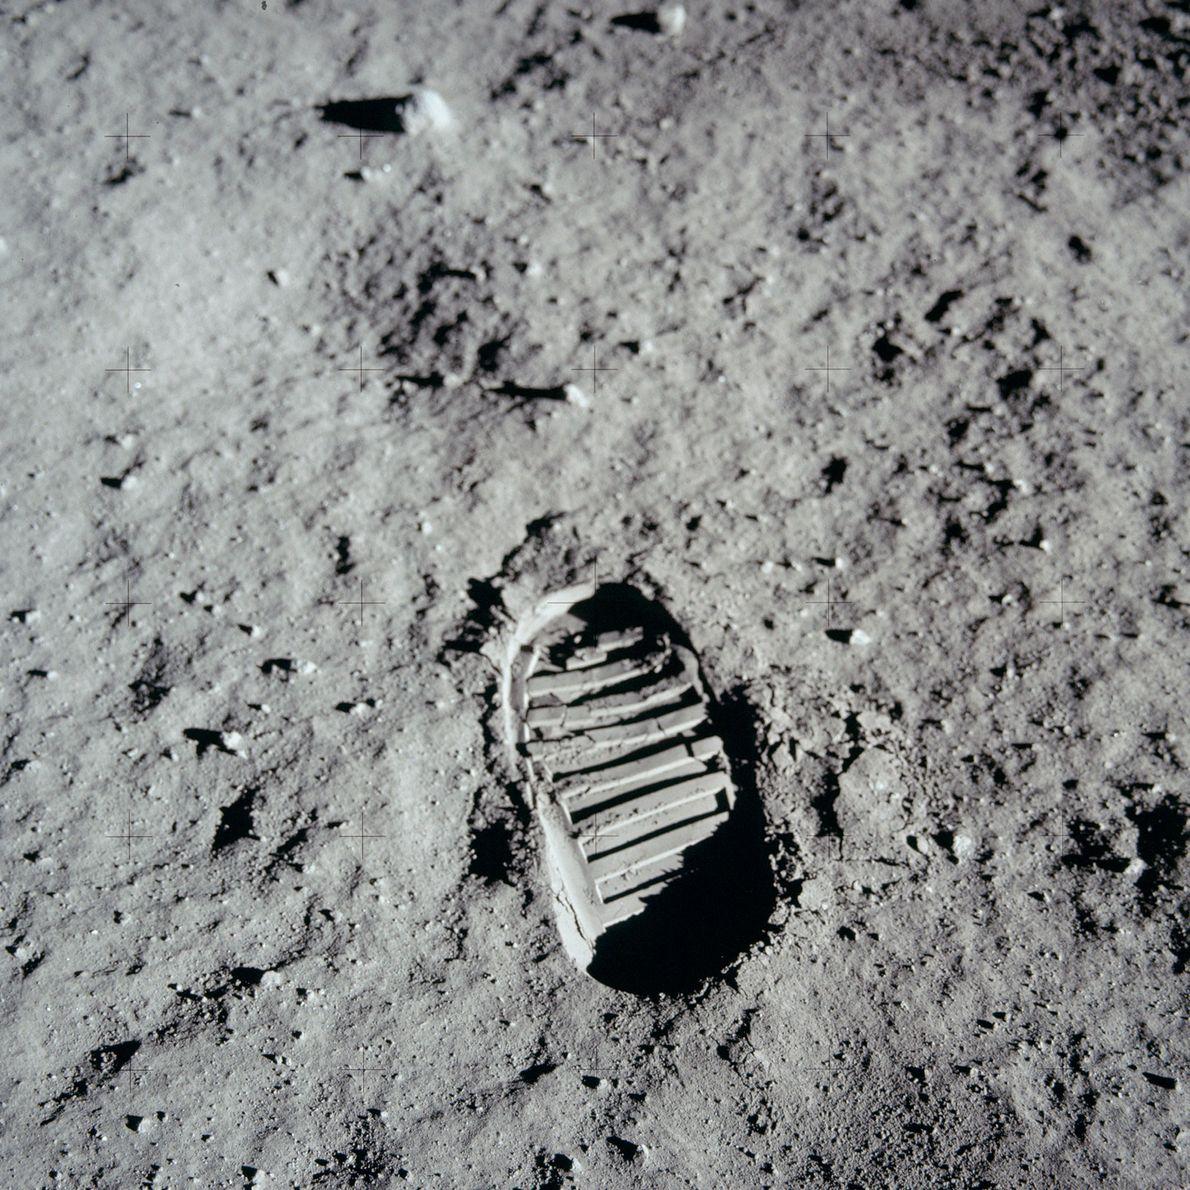 Las primeras huellas en la superficie de la Luna pertenecen al astronauta del Apolo 11, Neil ...